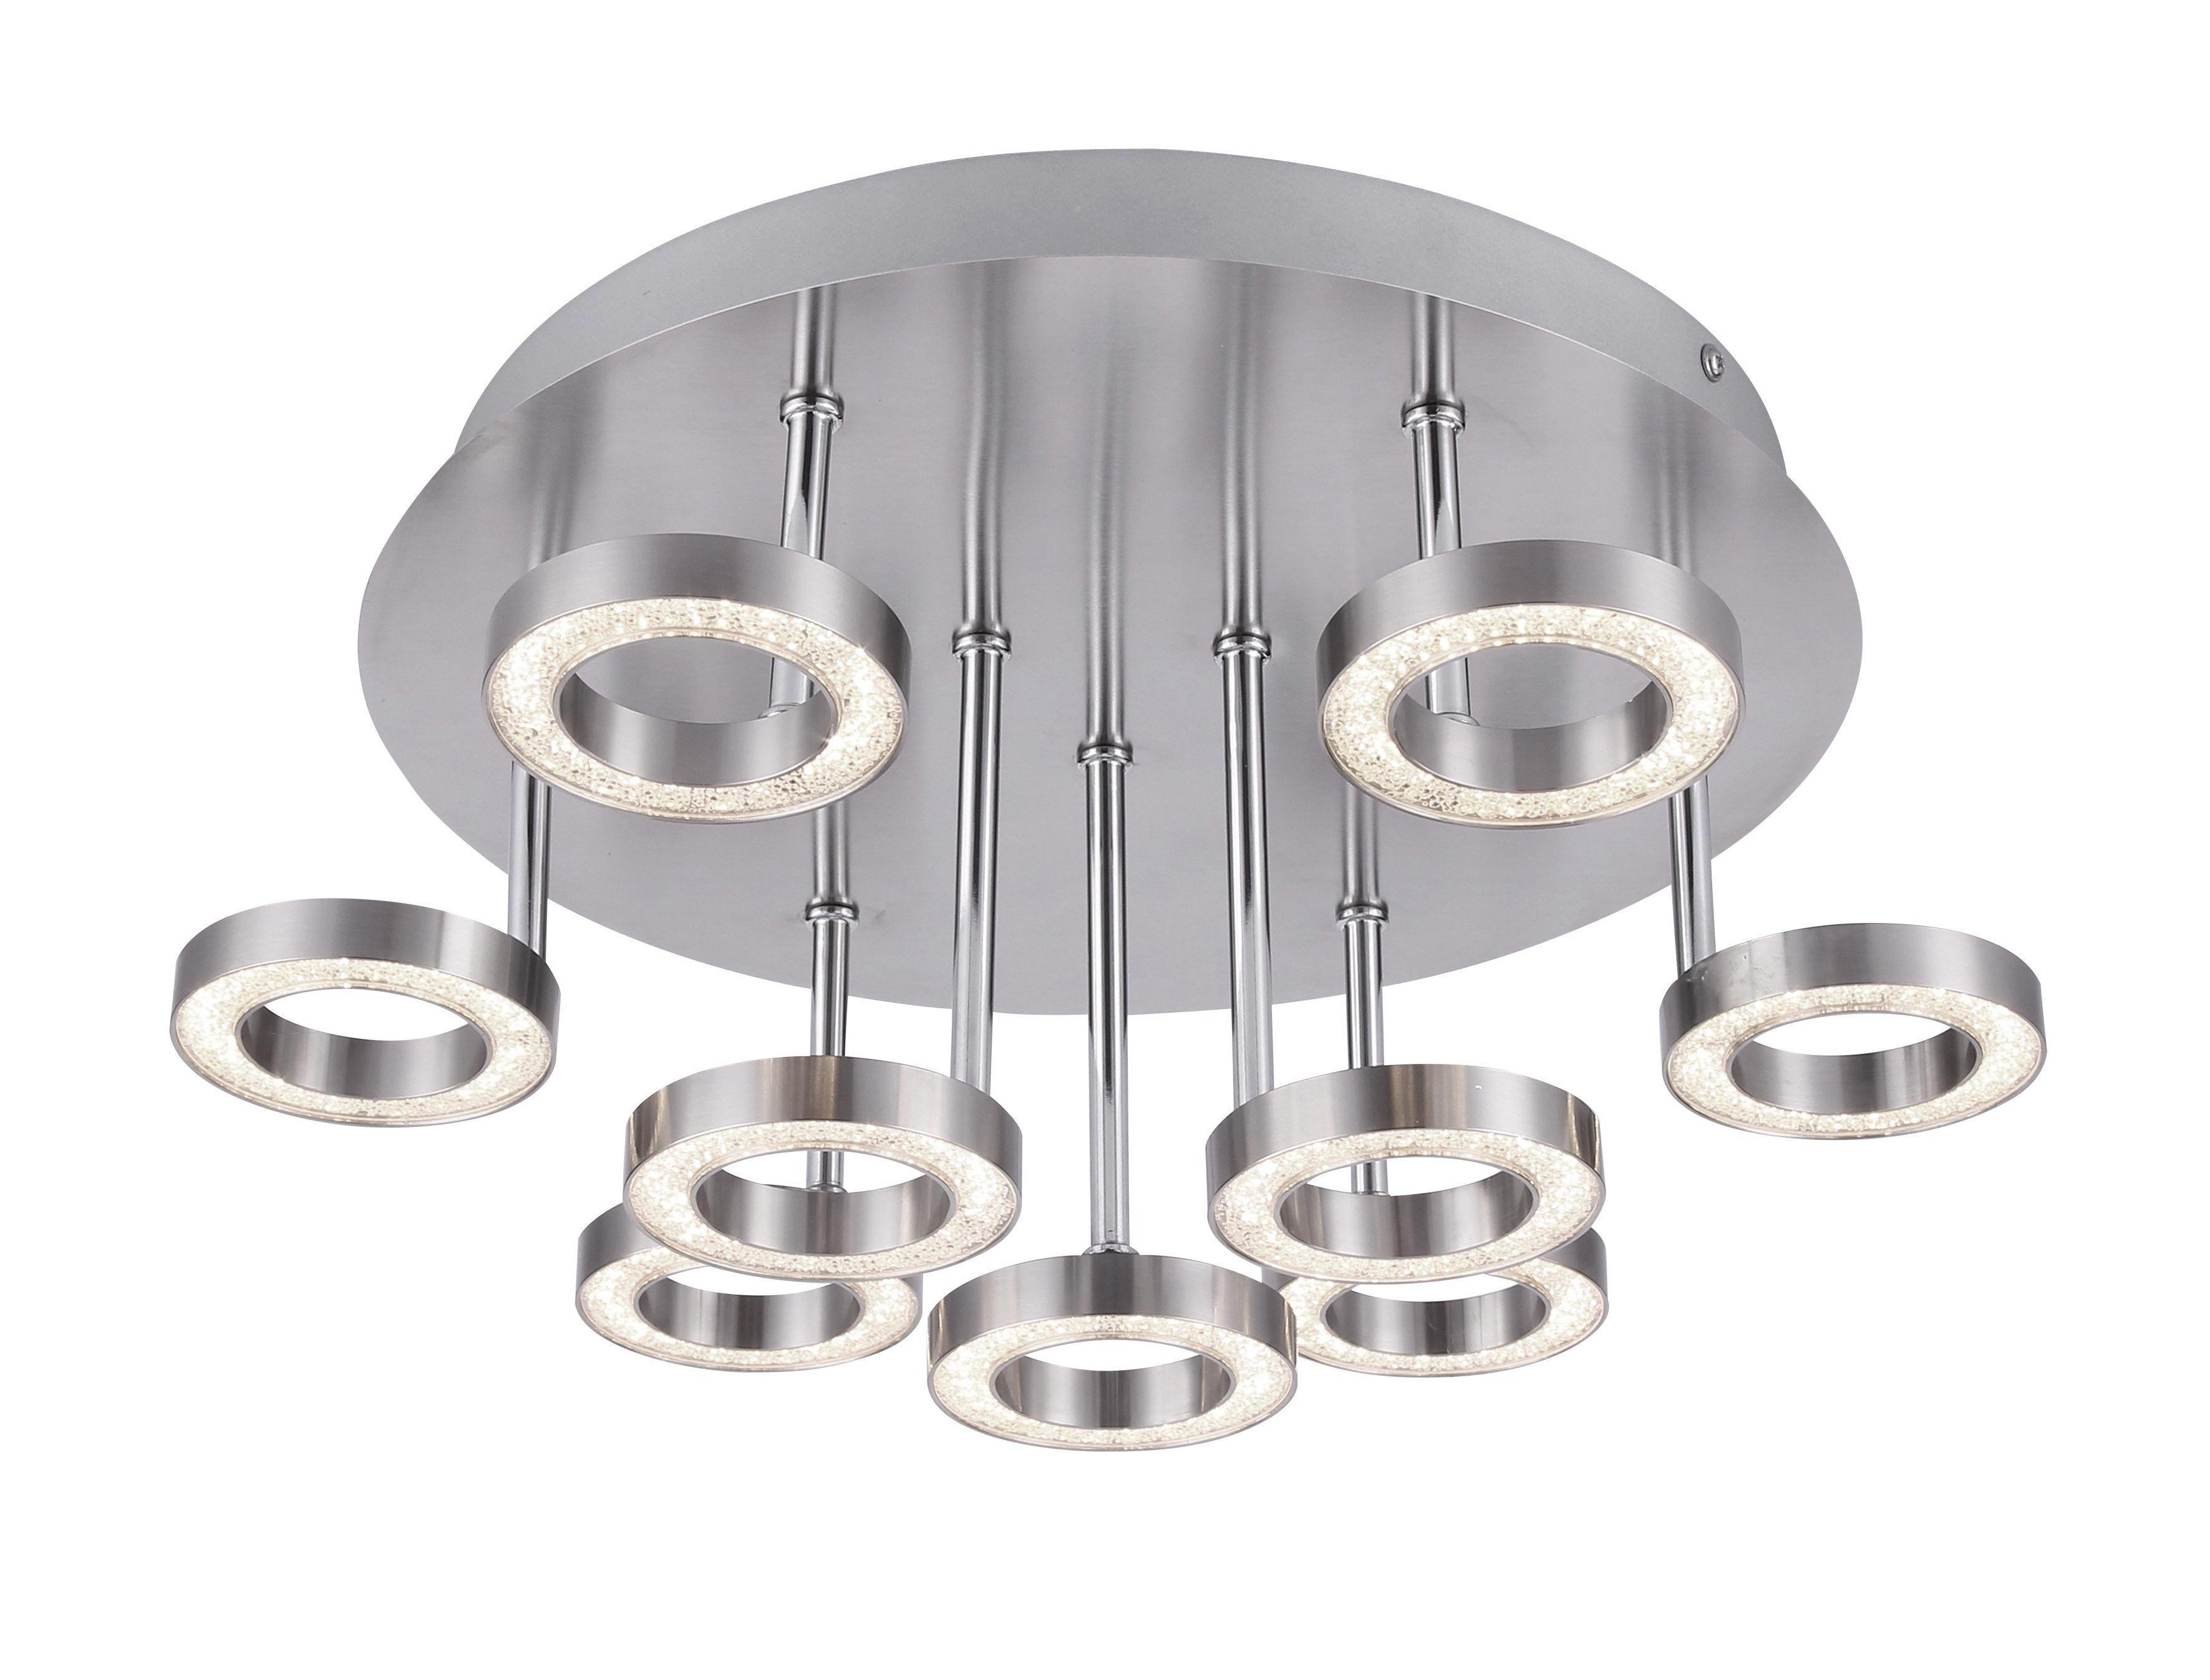 LED-DECKENLEUCHTE - Chromfarben/Nickelfarben, Design, Kunststoff/Metall (42/20/42cm)